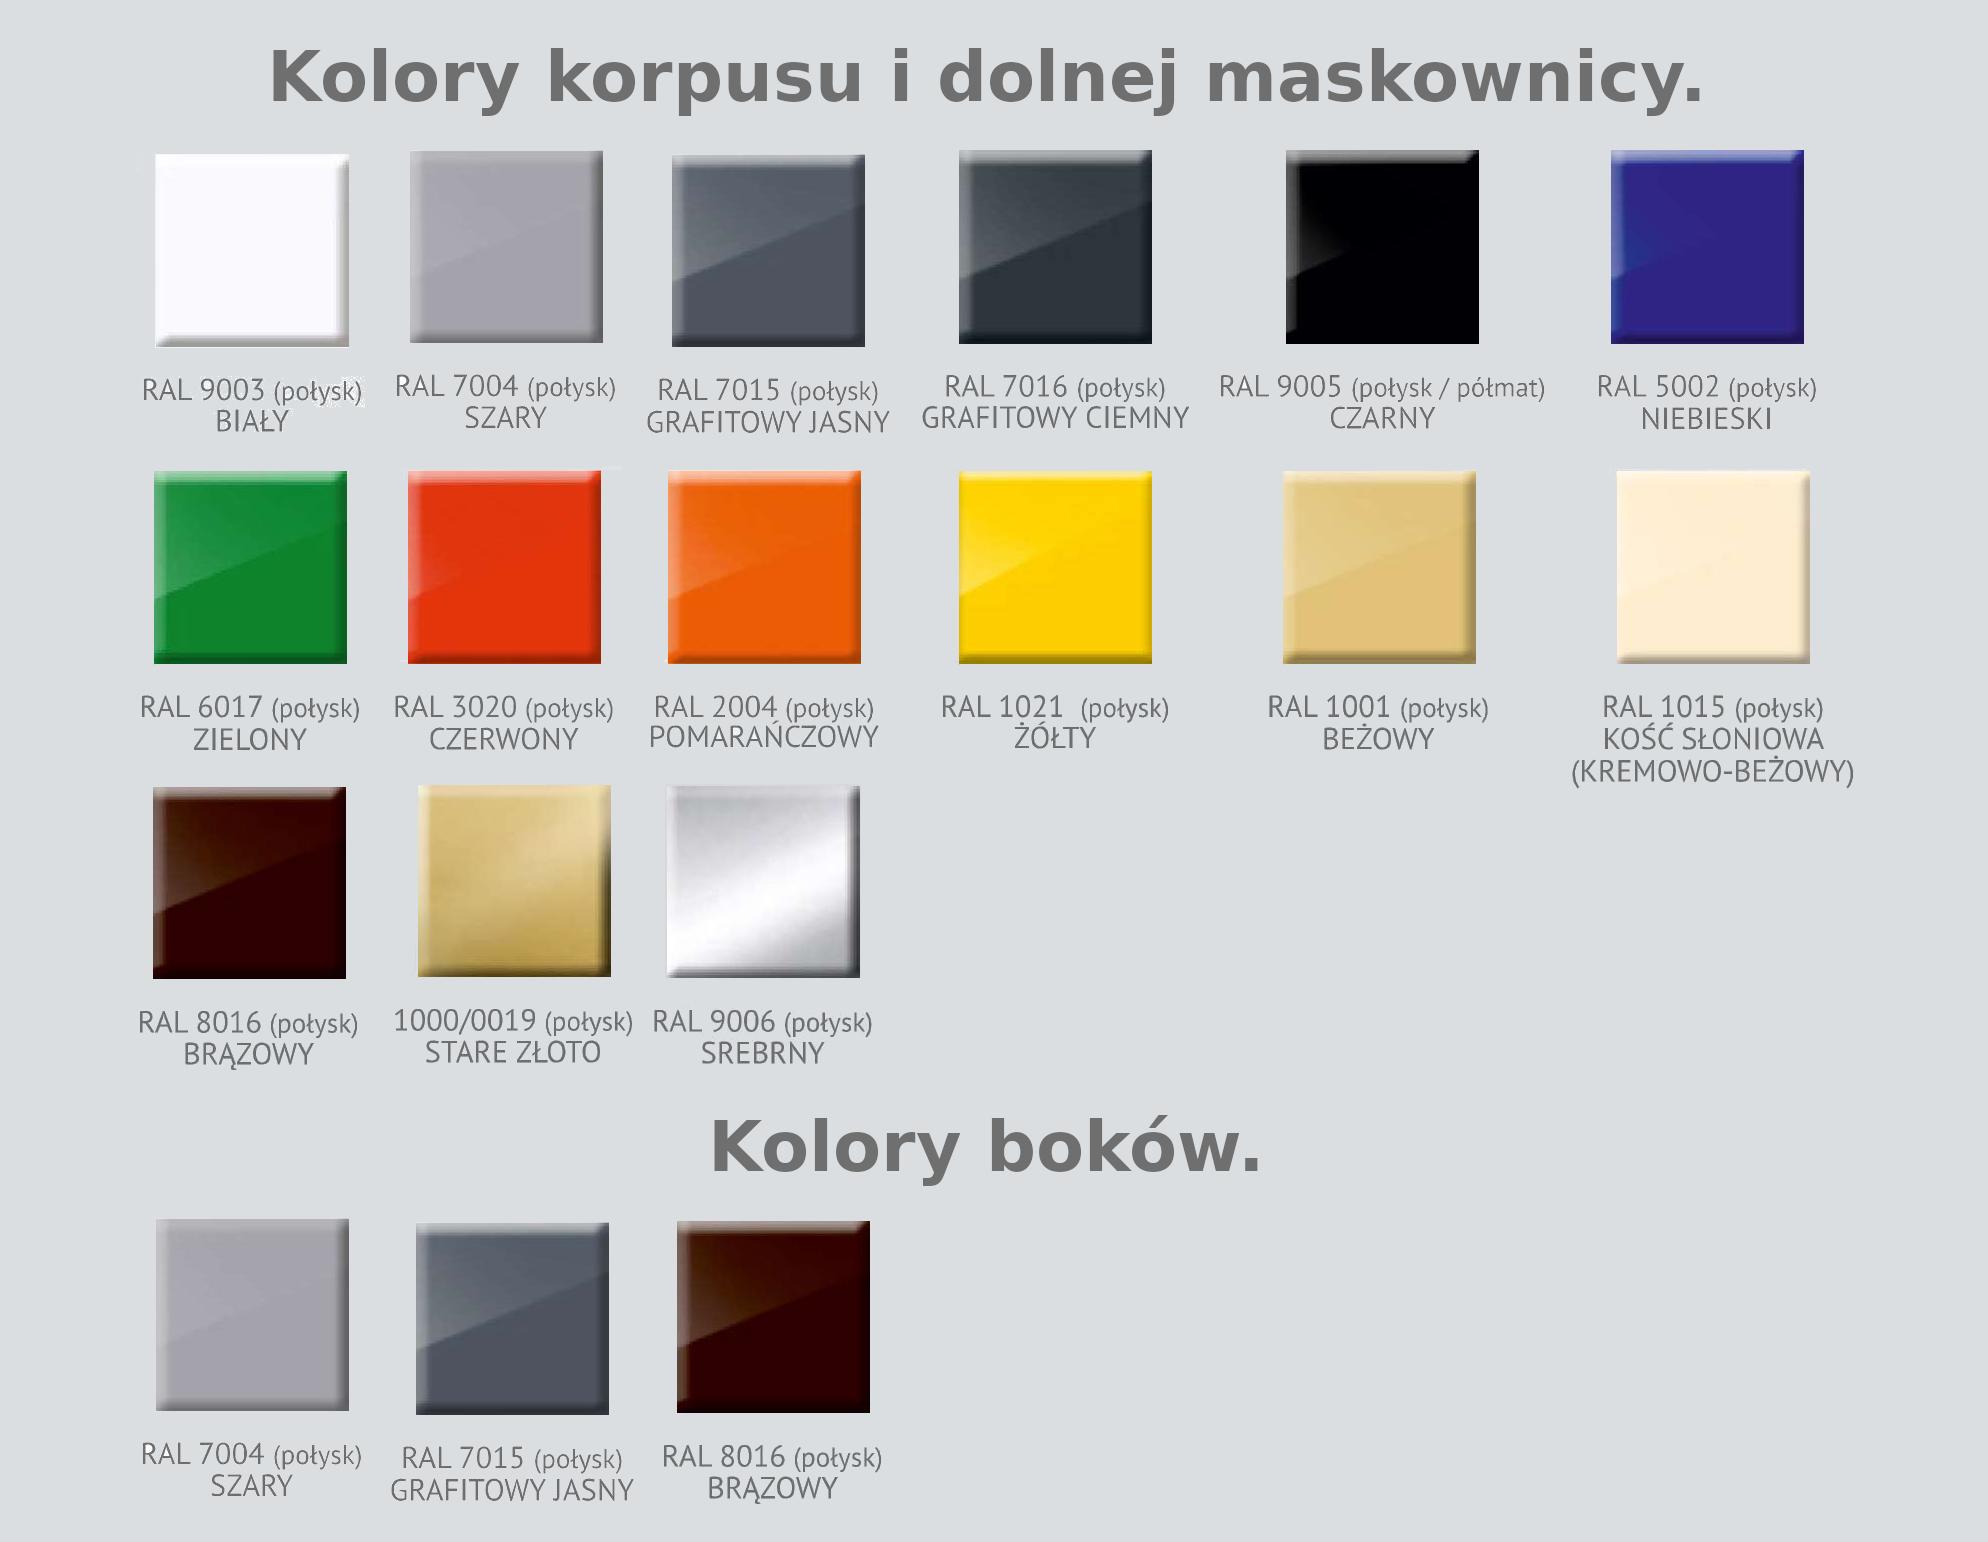 kolorysty_rapa_1.jpg